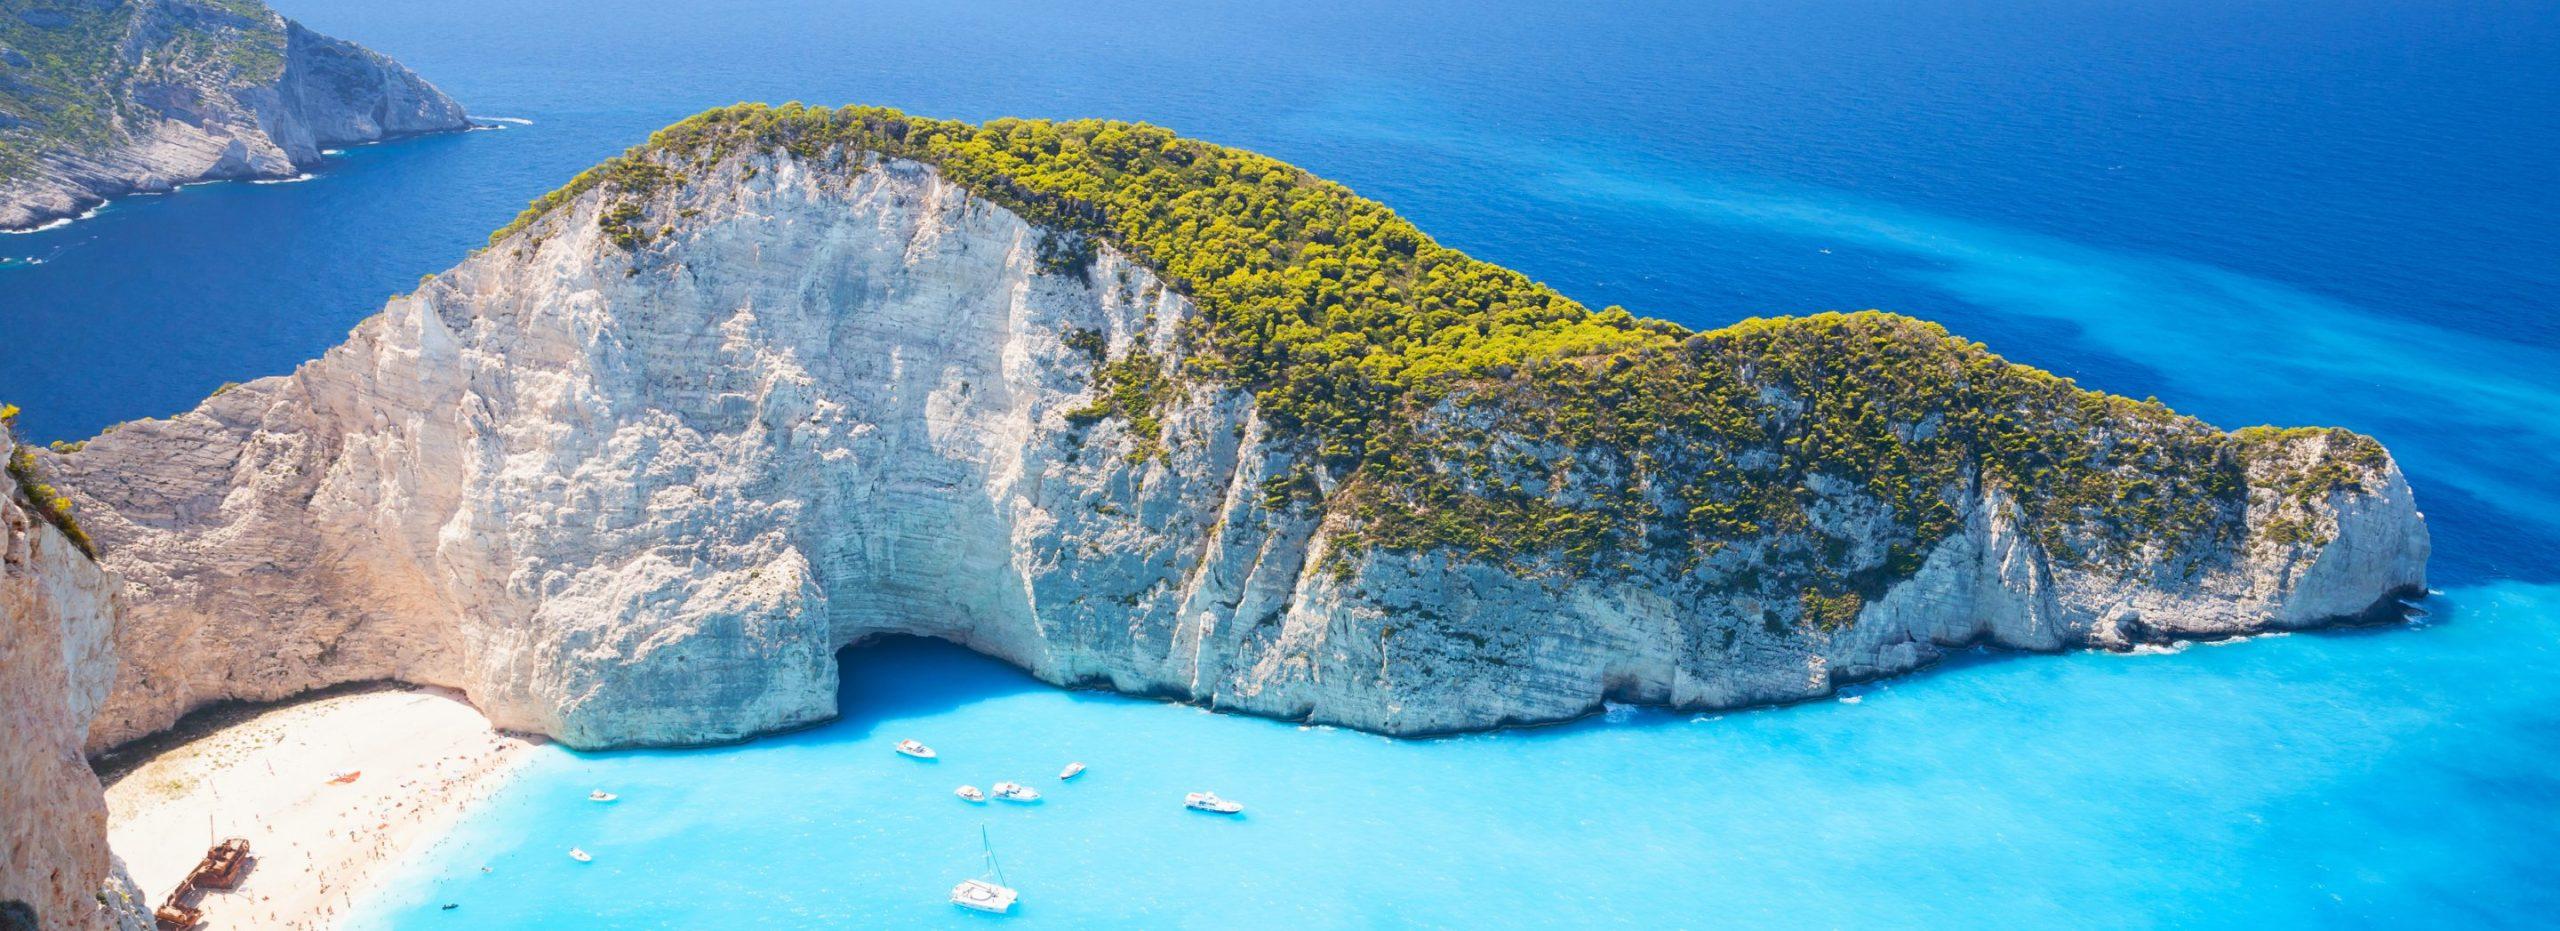 Find the best yacht destination or superyacht holidays1 scaled - Find the best yacht destination or superyacht holidays